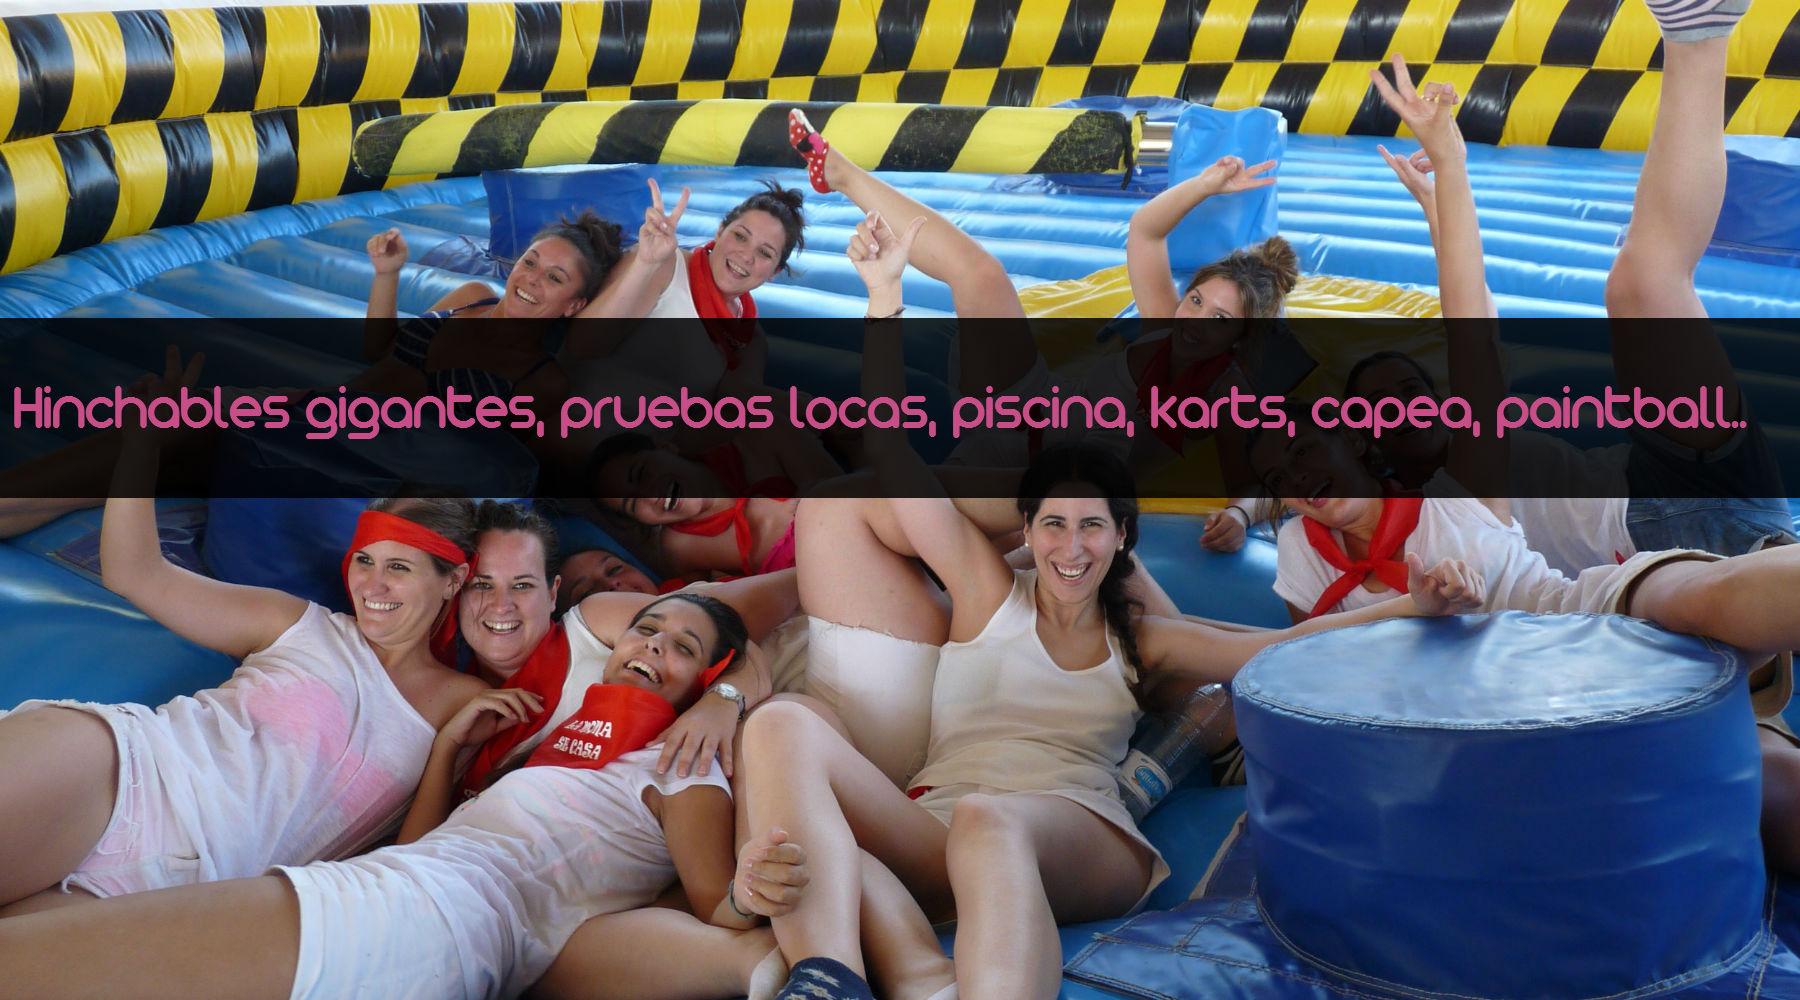 Baño Arabe En Toledo:ACTIVIDADES PARA DESPEDIDAS Super Gymkana Toledana Alojamientos Toledo